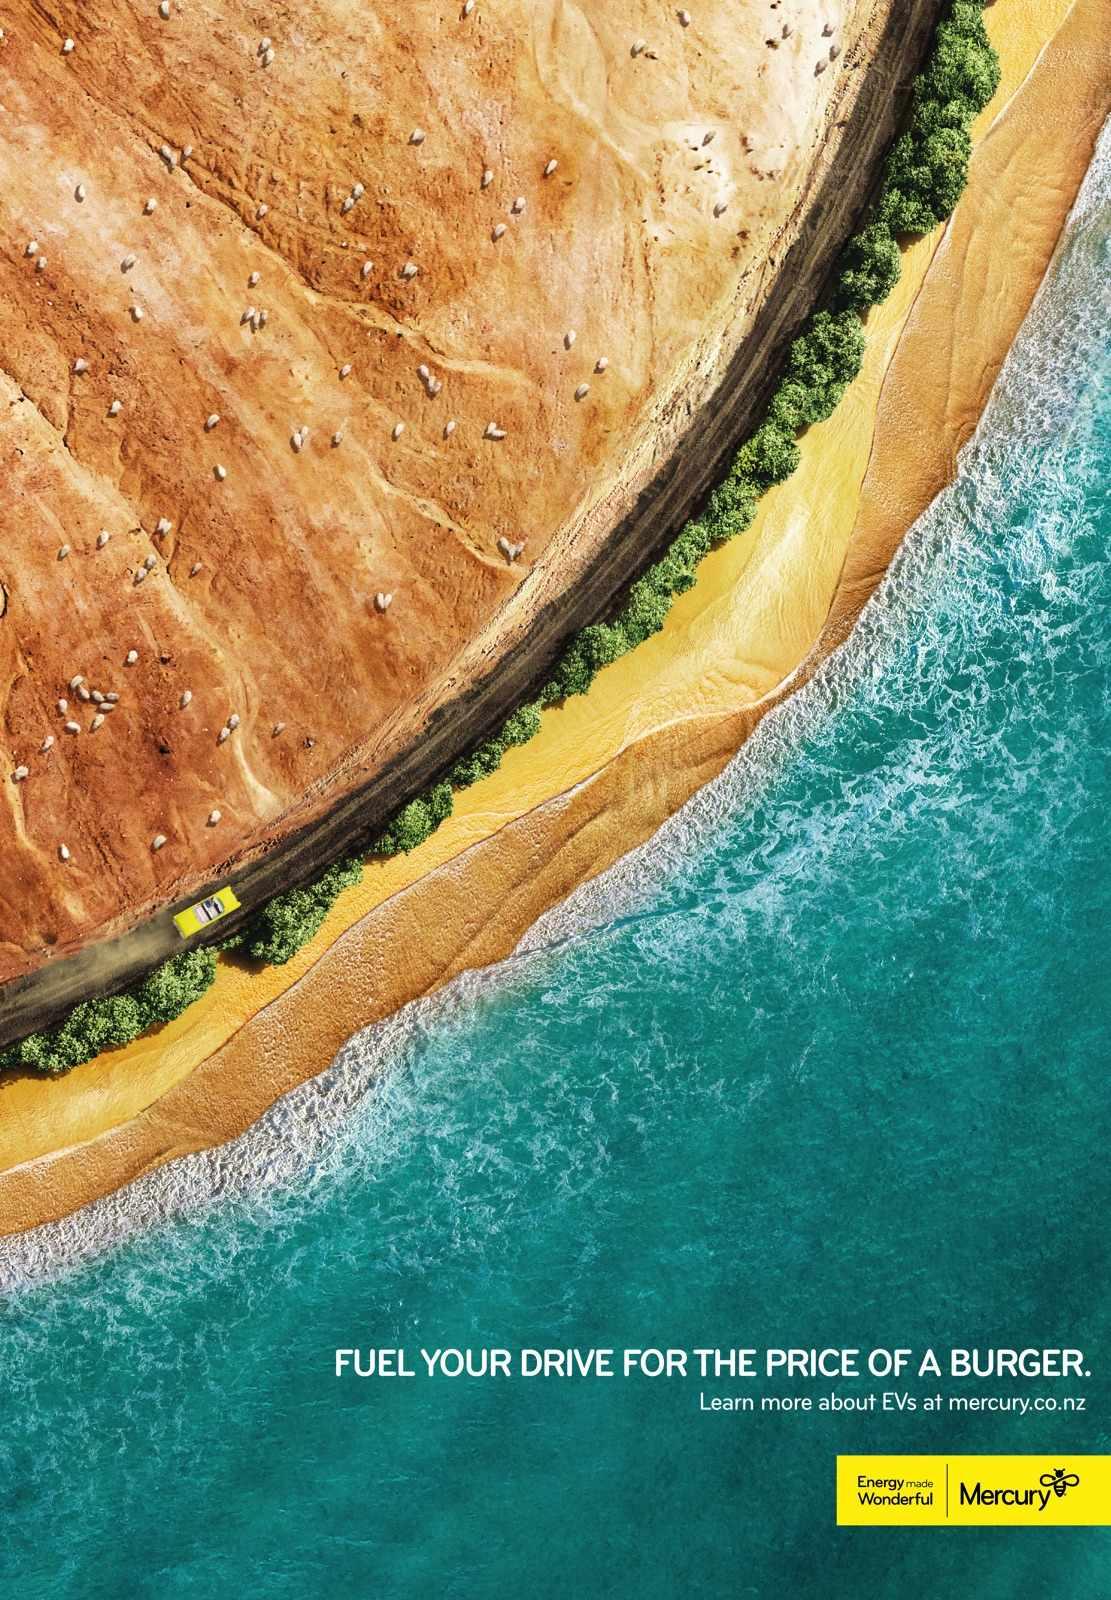 Mercury Energy Print Ad - Burger Run